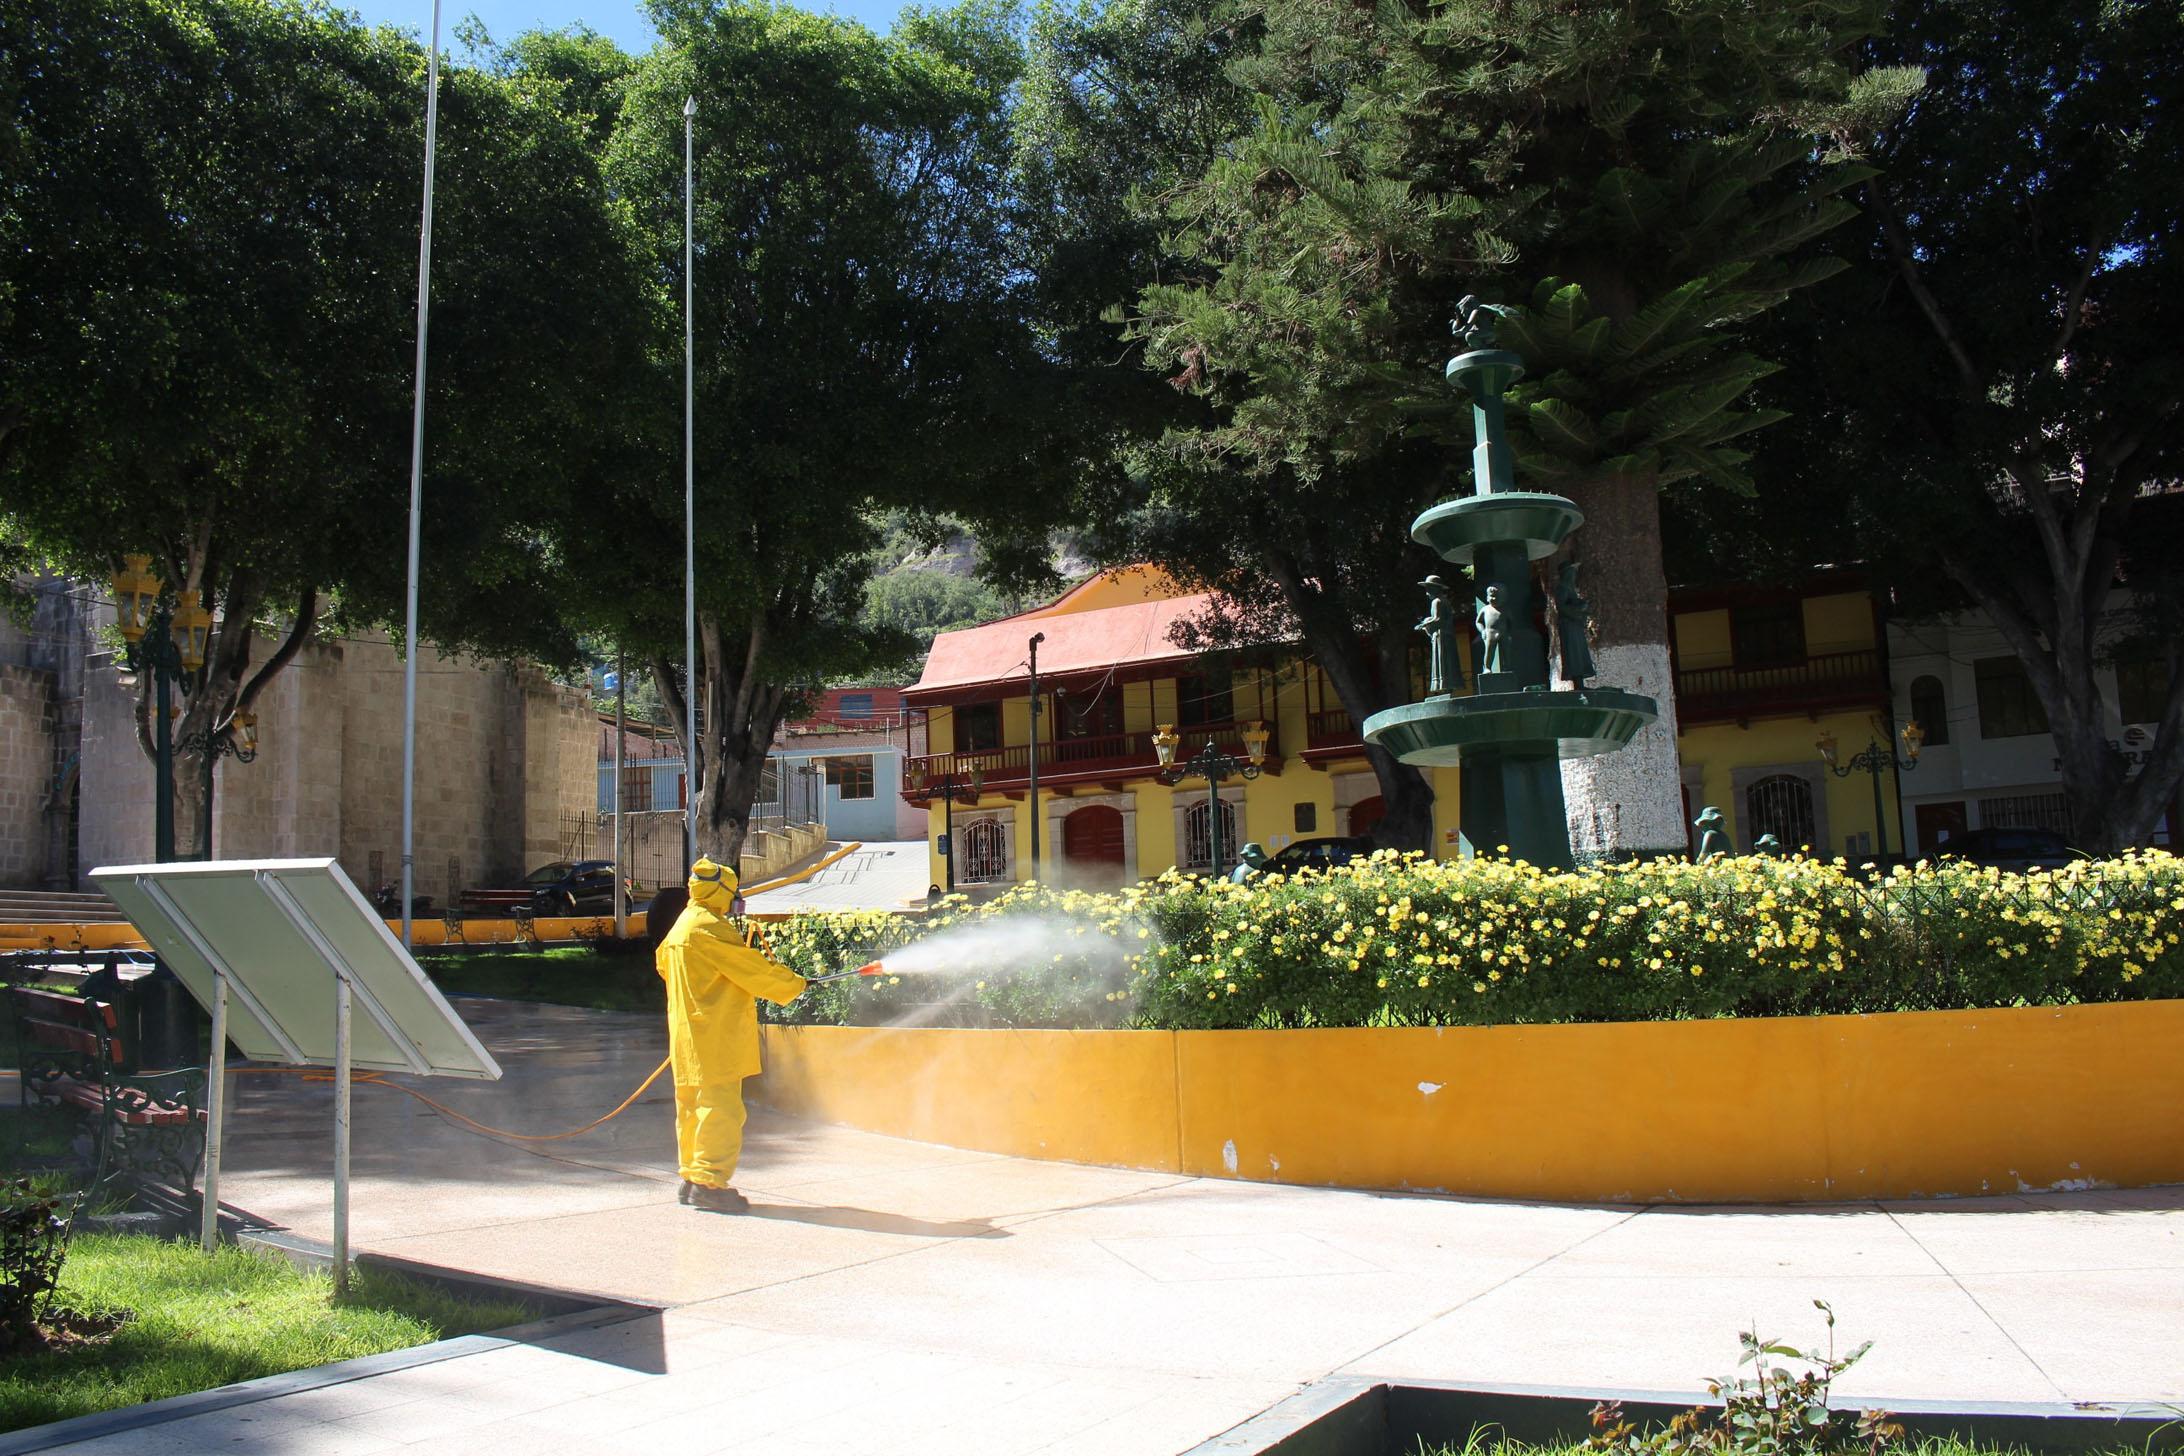 MUNICIPALIDAD DE TORATA INICIA TRABAJOS DE FUMIGACIÓN COMO PREVENCIÓN ANTE EL COVID-19 EN LUGARES DE MAYOR CONCURRENCIA